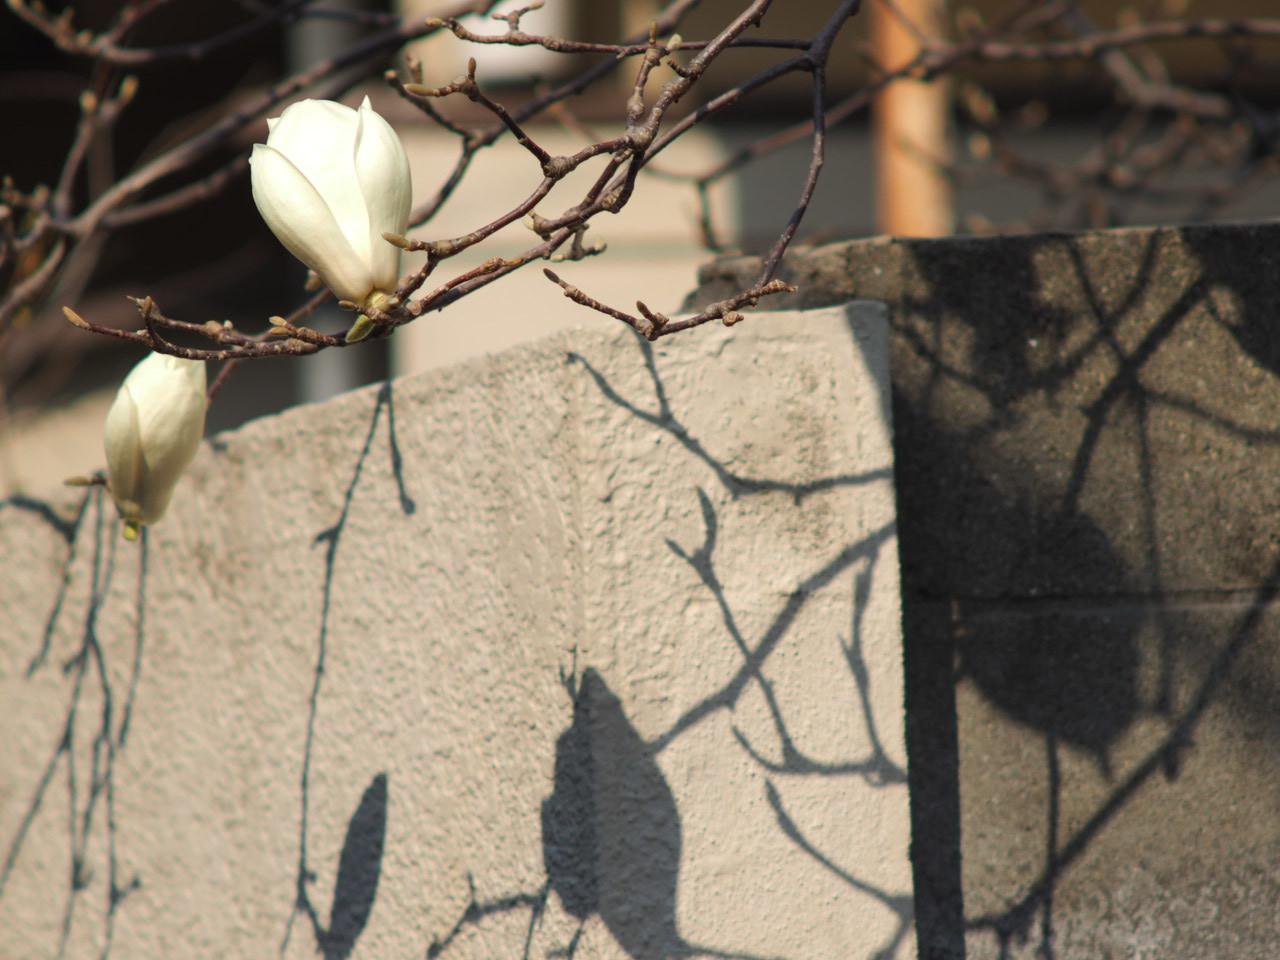 今年も木蓮を楽しませていただきました♡_f0135940_01352533.jpg